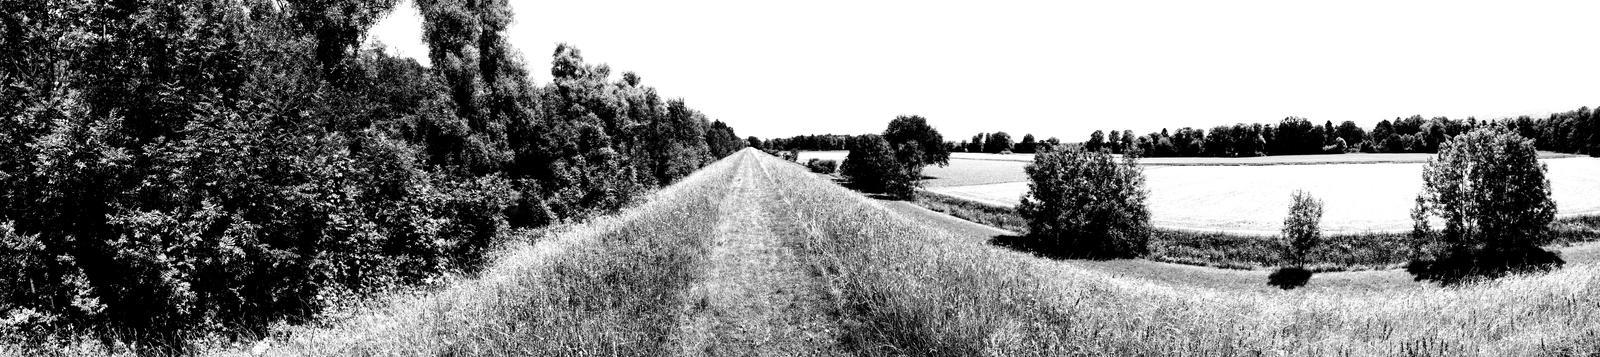 Ruggeller Kanal by pdentsch